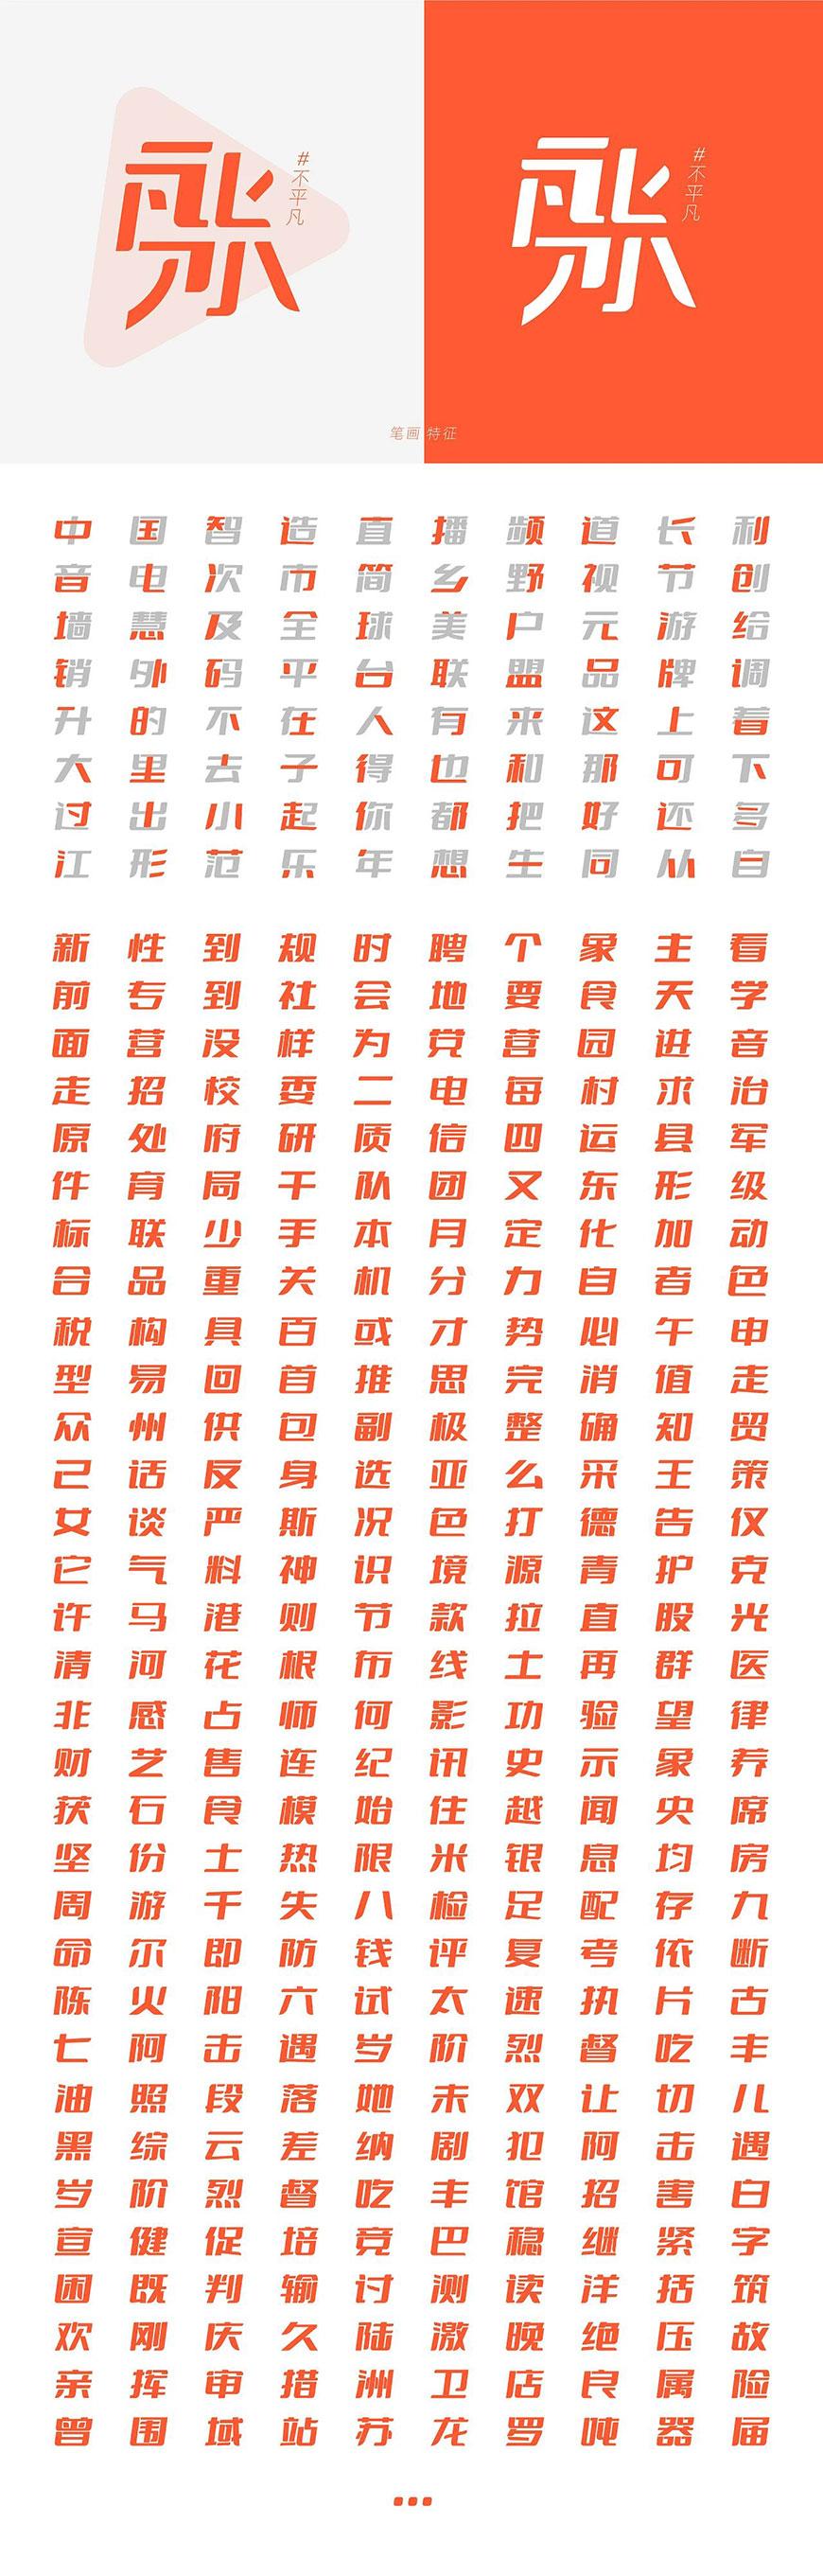 免费字体下载!斗鱼发布企业字体「斗鱼追光体」